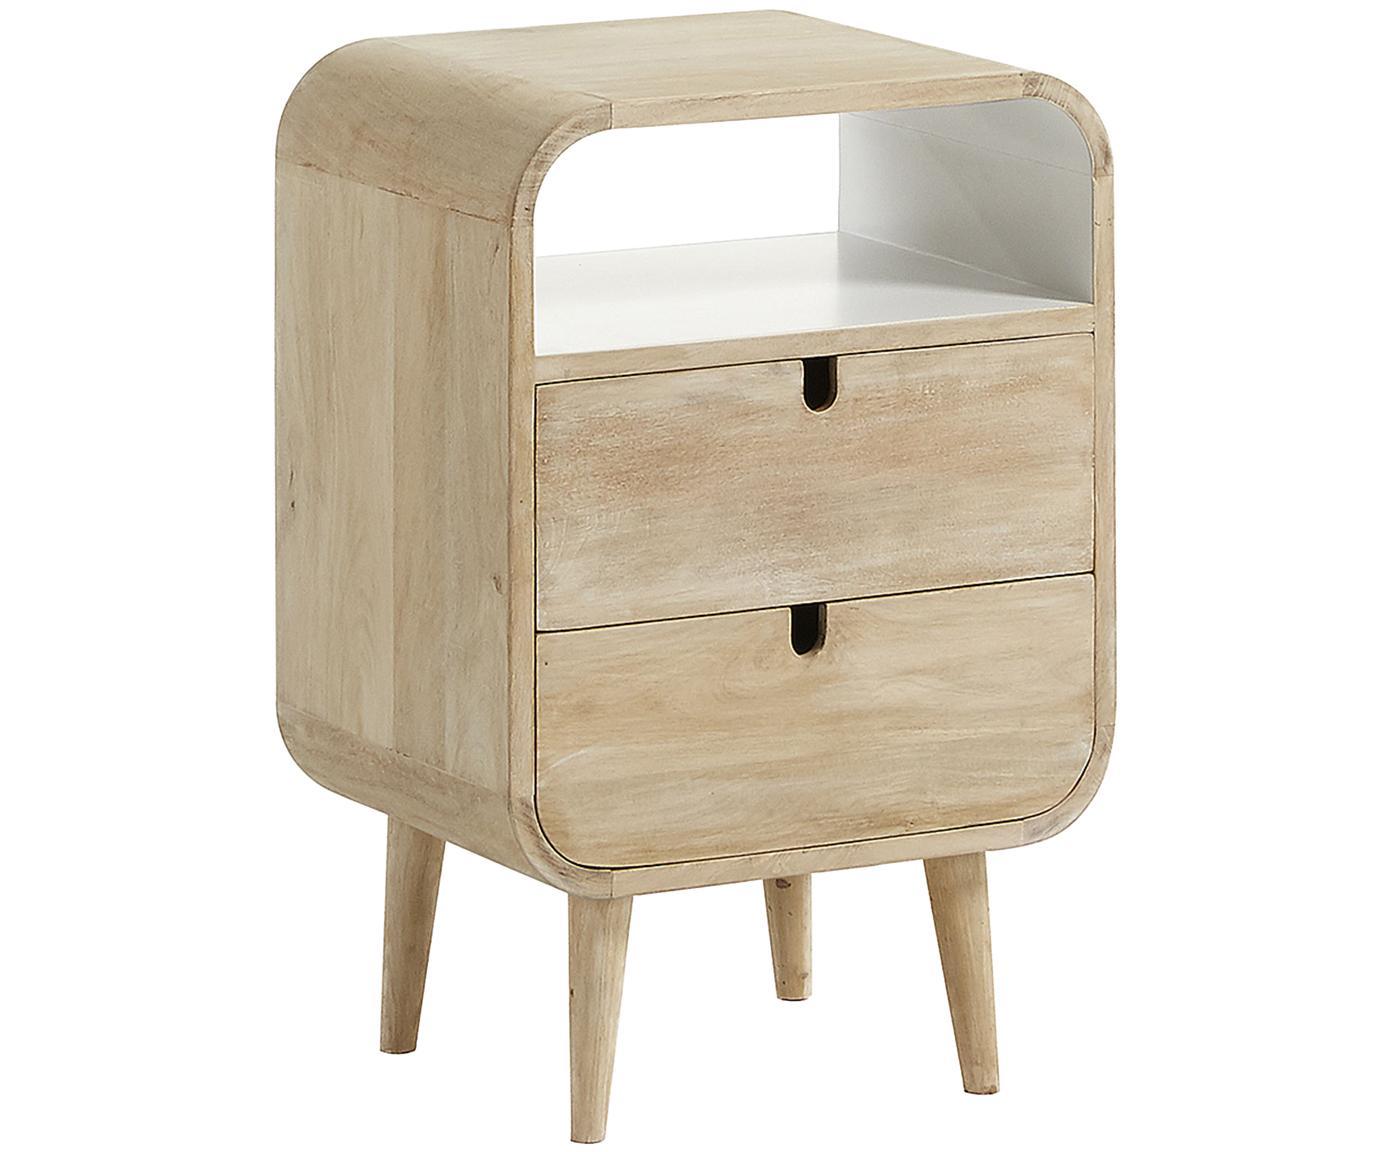 Nachttisch Georg mit Schublade, Außenflächen: Mangoholz, Innenflächen: Weiß, matt, 40 x 61 cm